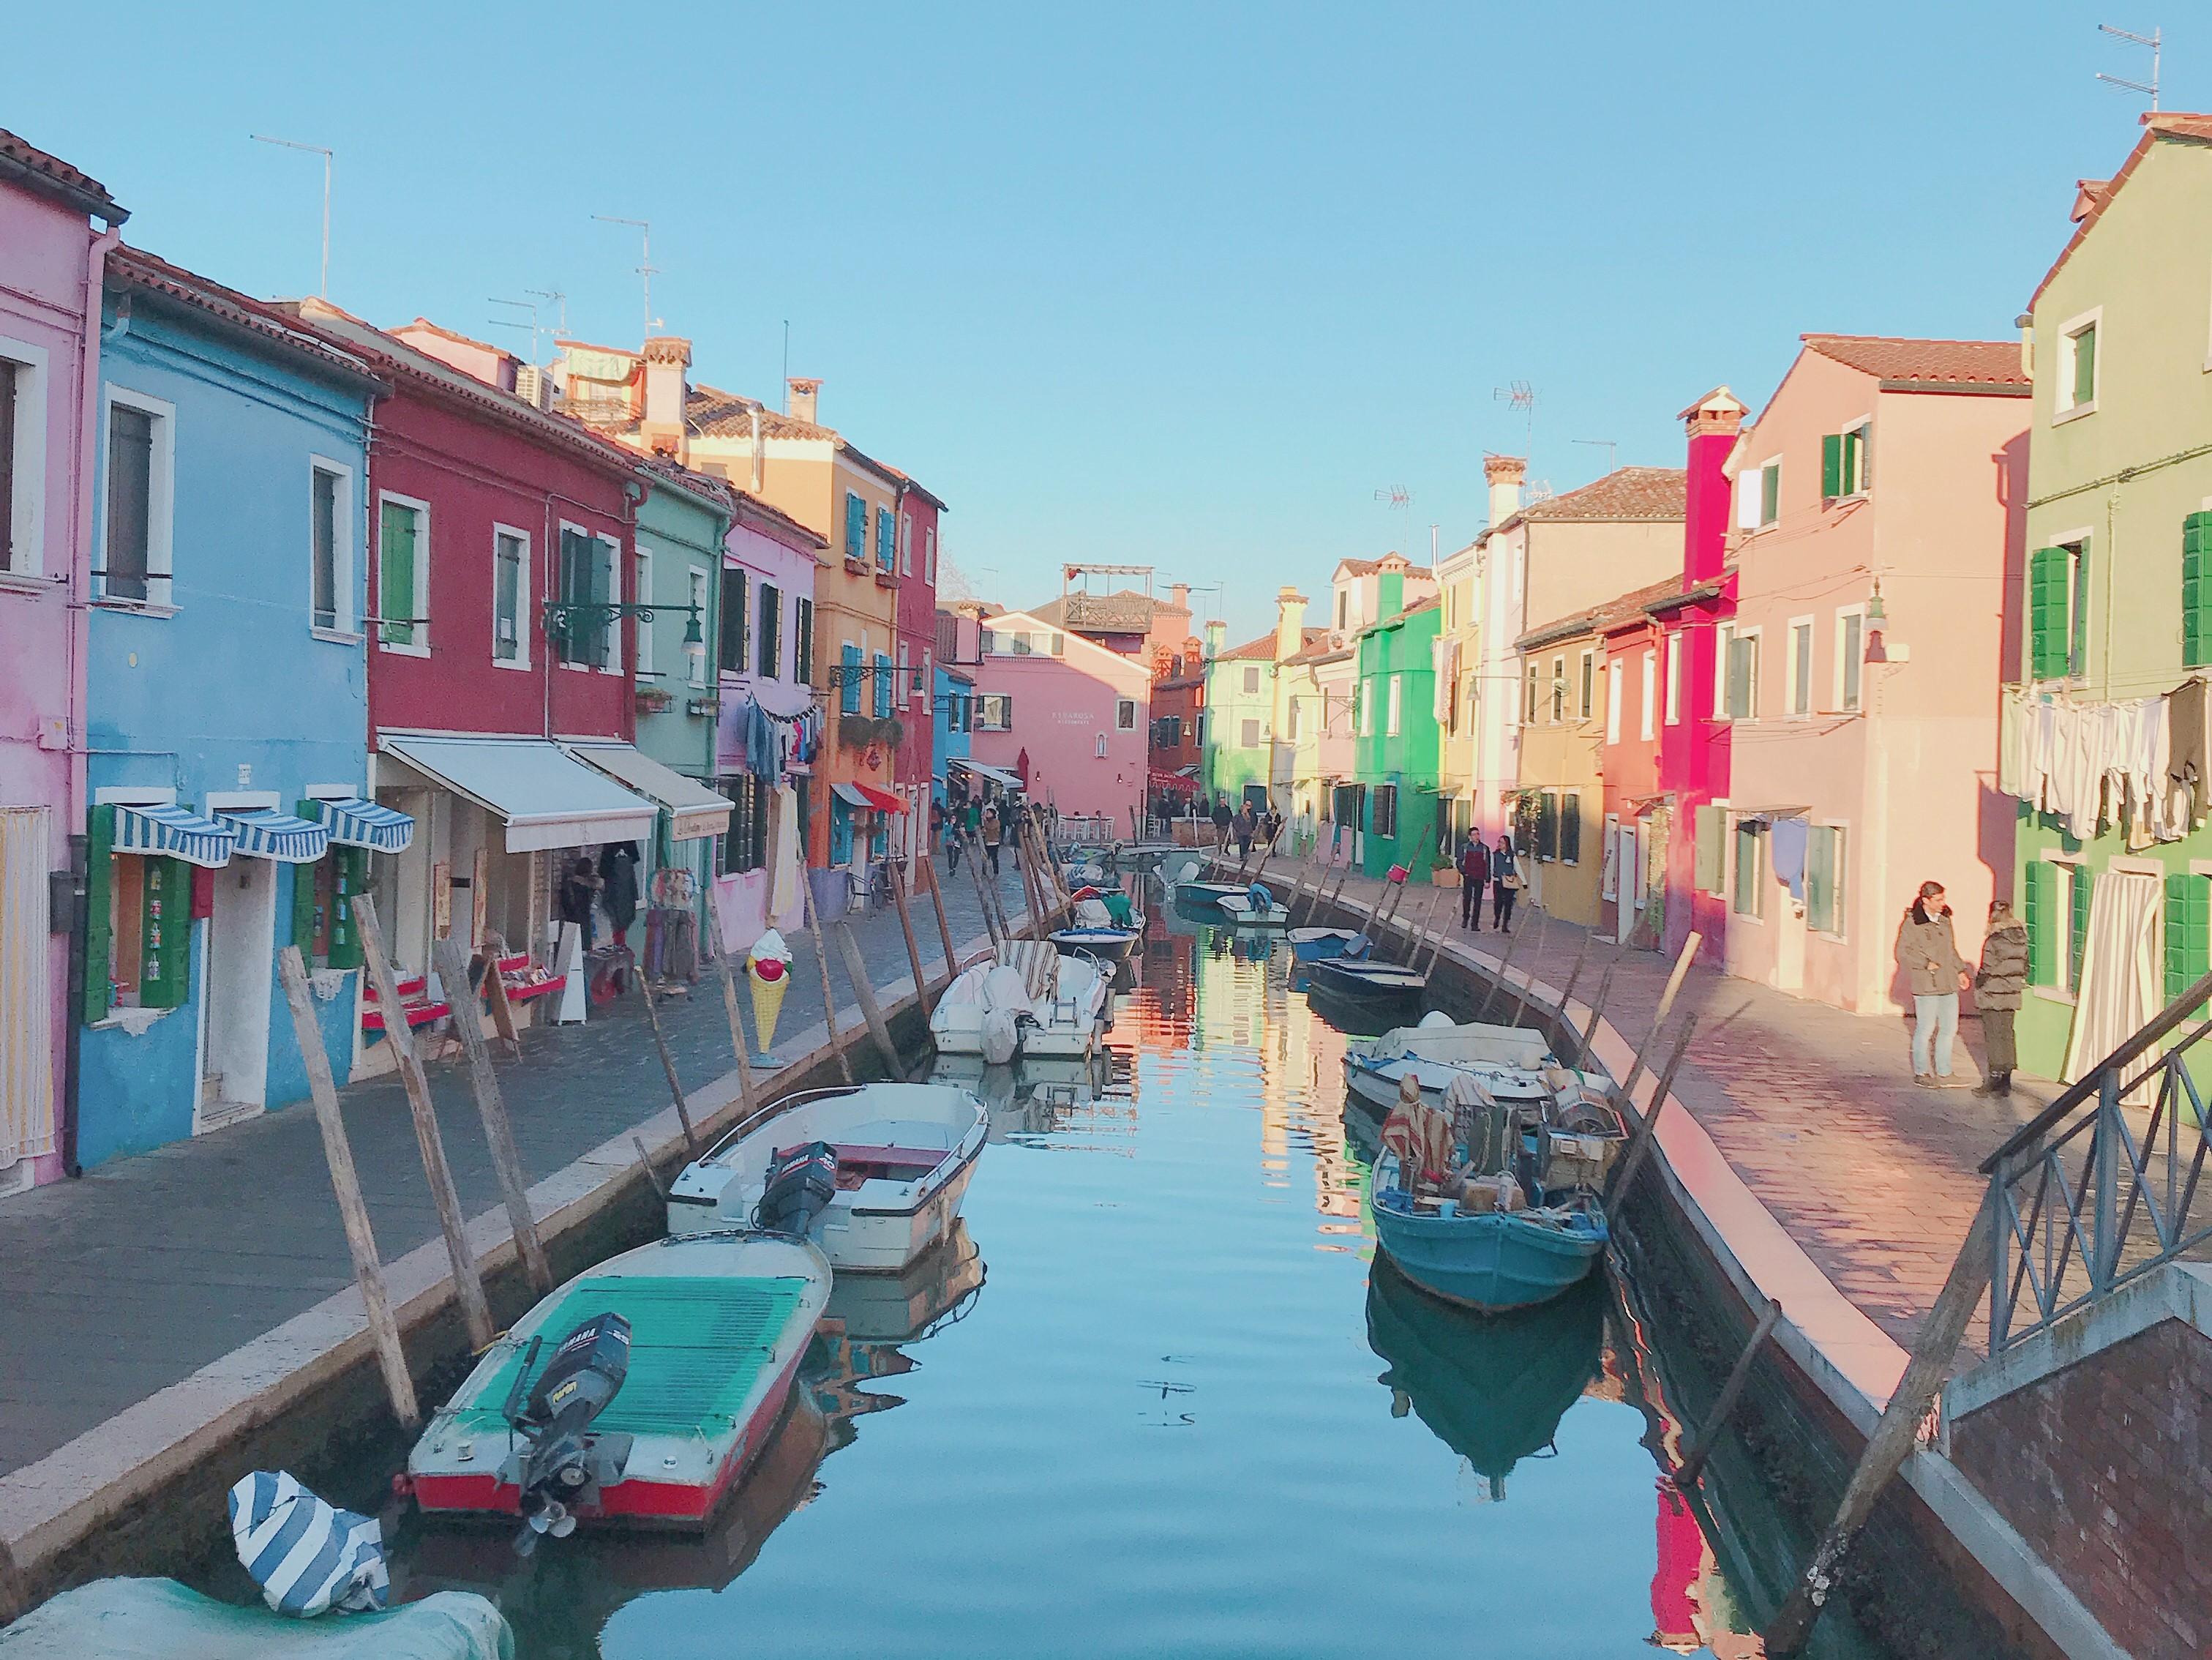 ブラーノ島に行ってきた!行き方やカラフルで可愛すぎる街並みの秘密をお教えします